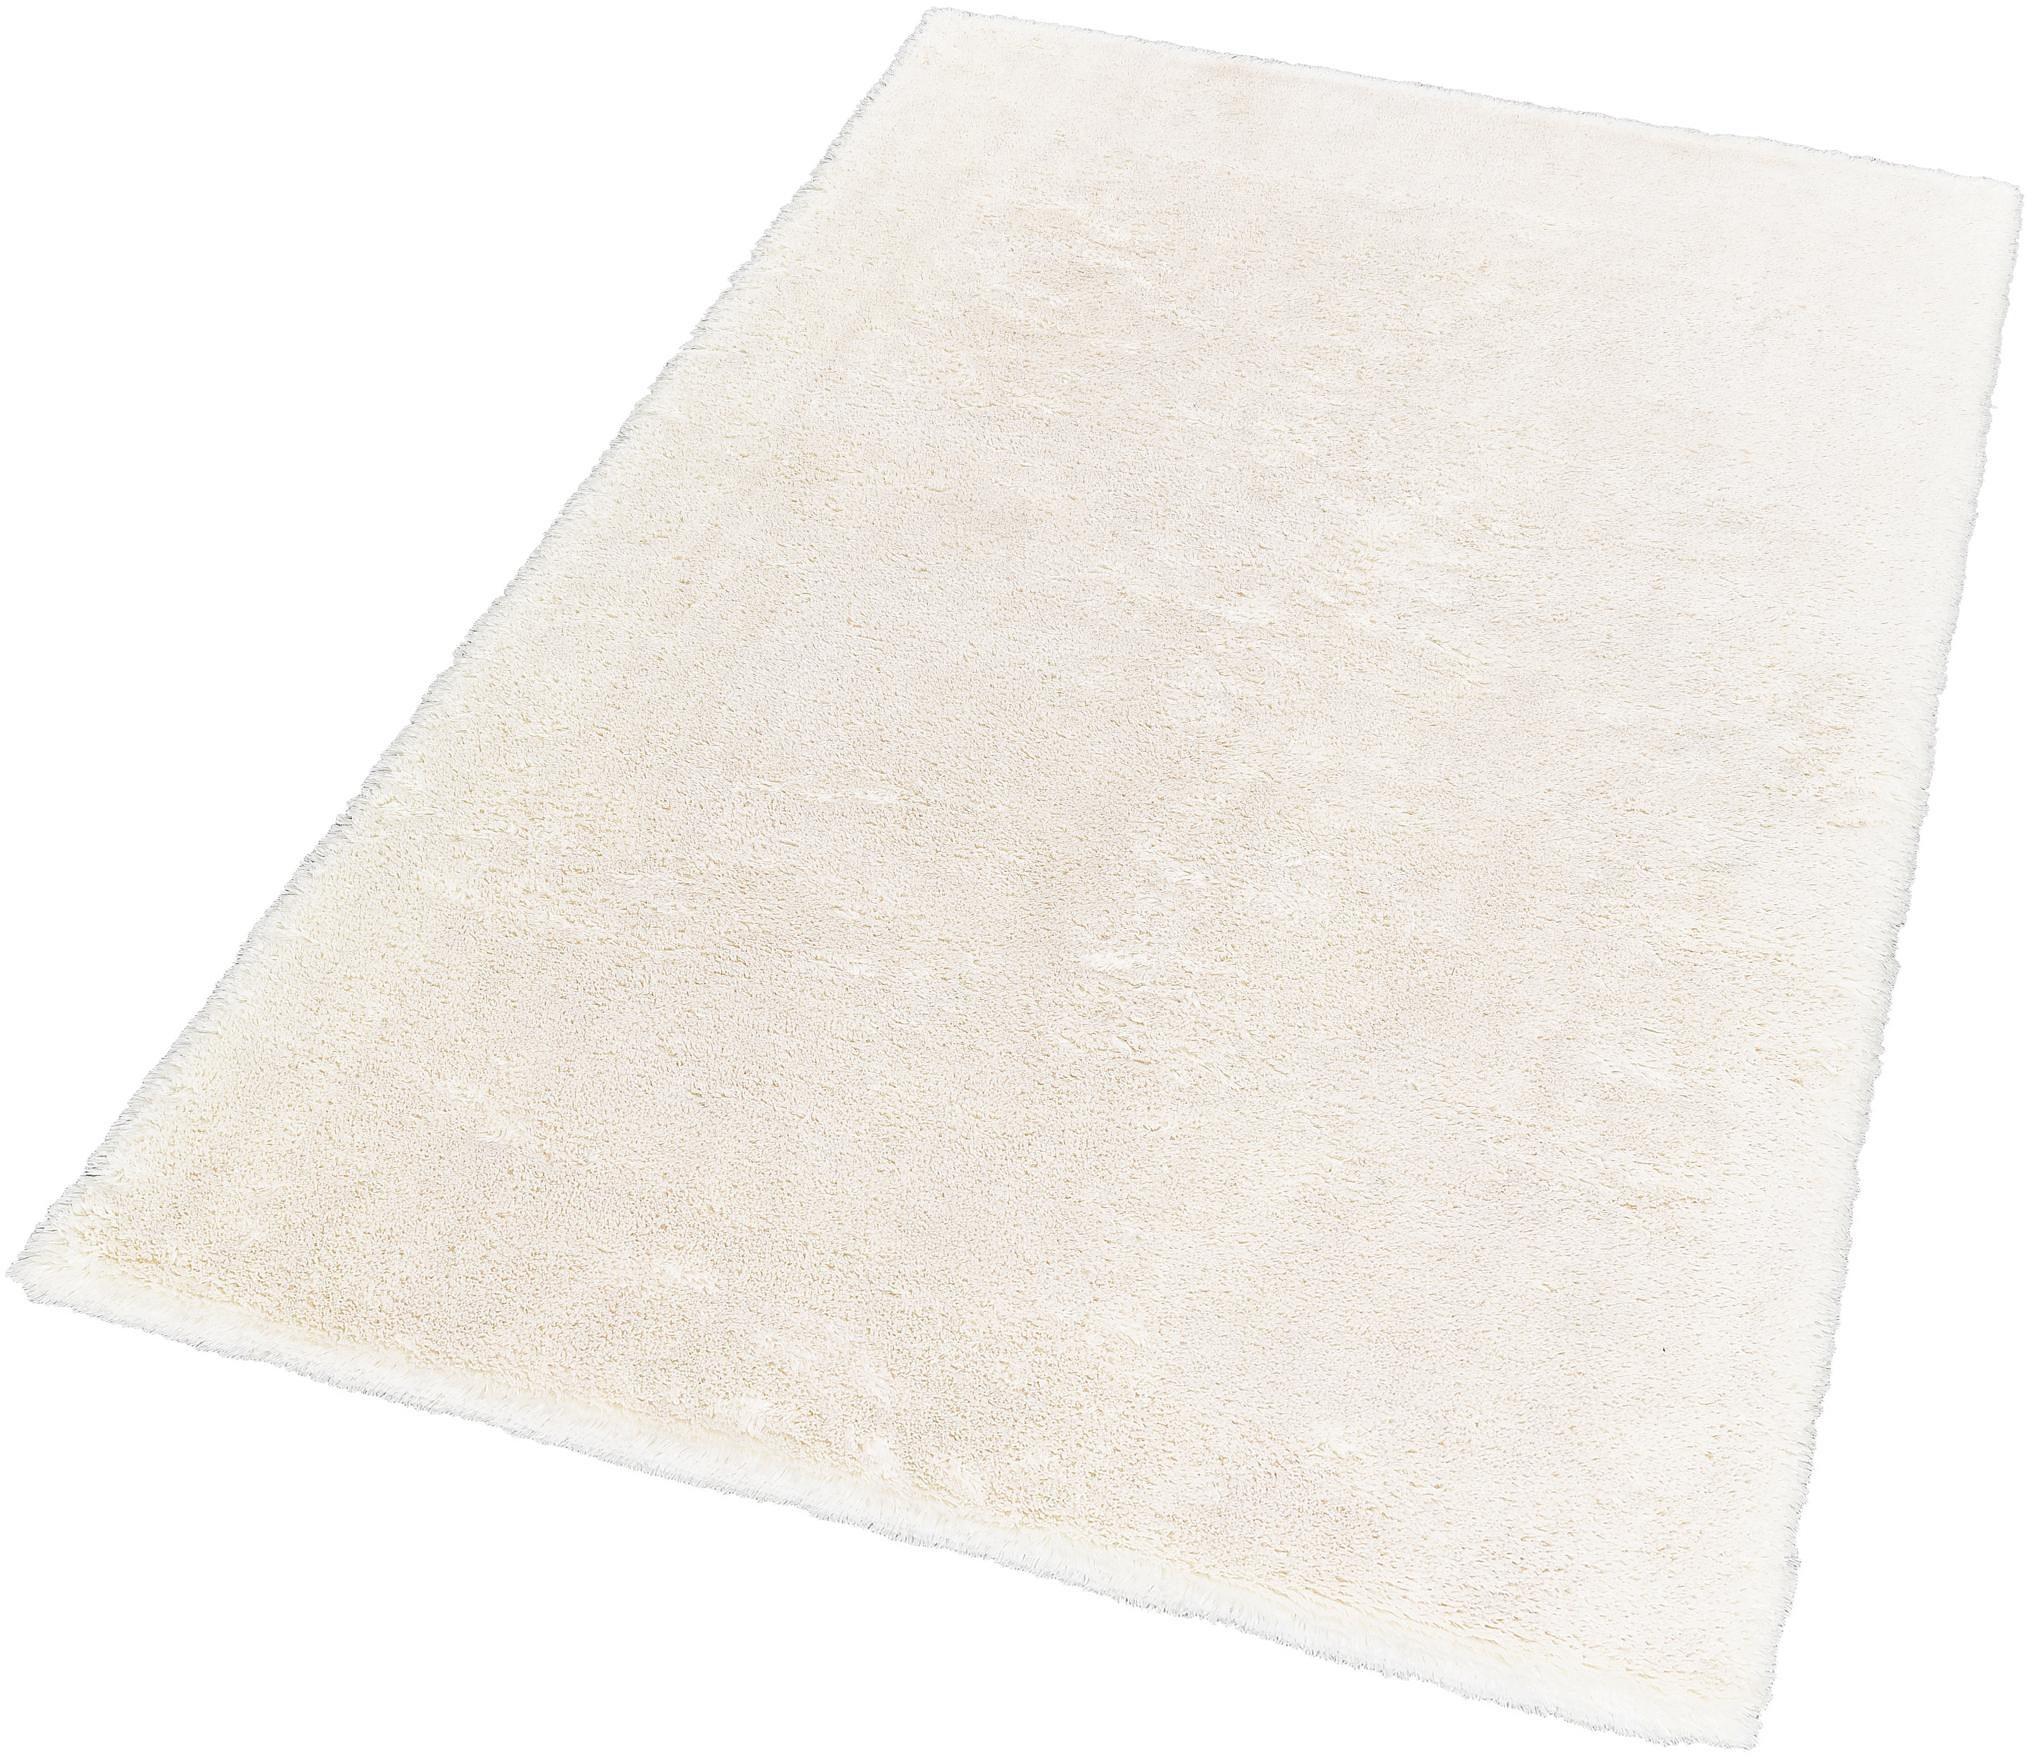 Hochflor-Teppich »Harmony«, SCHÖNER WOHNEN-KOLLEKTION, rechteckig, Höhe 35 mm, Besonders weich durch Microfaser